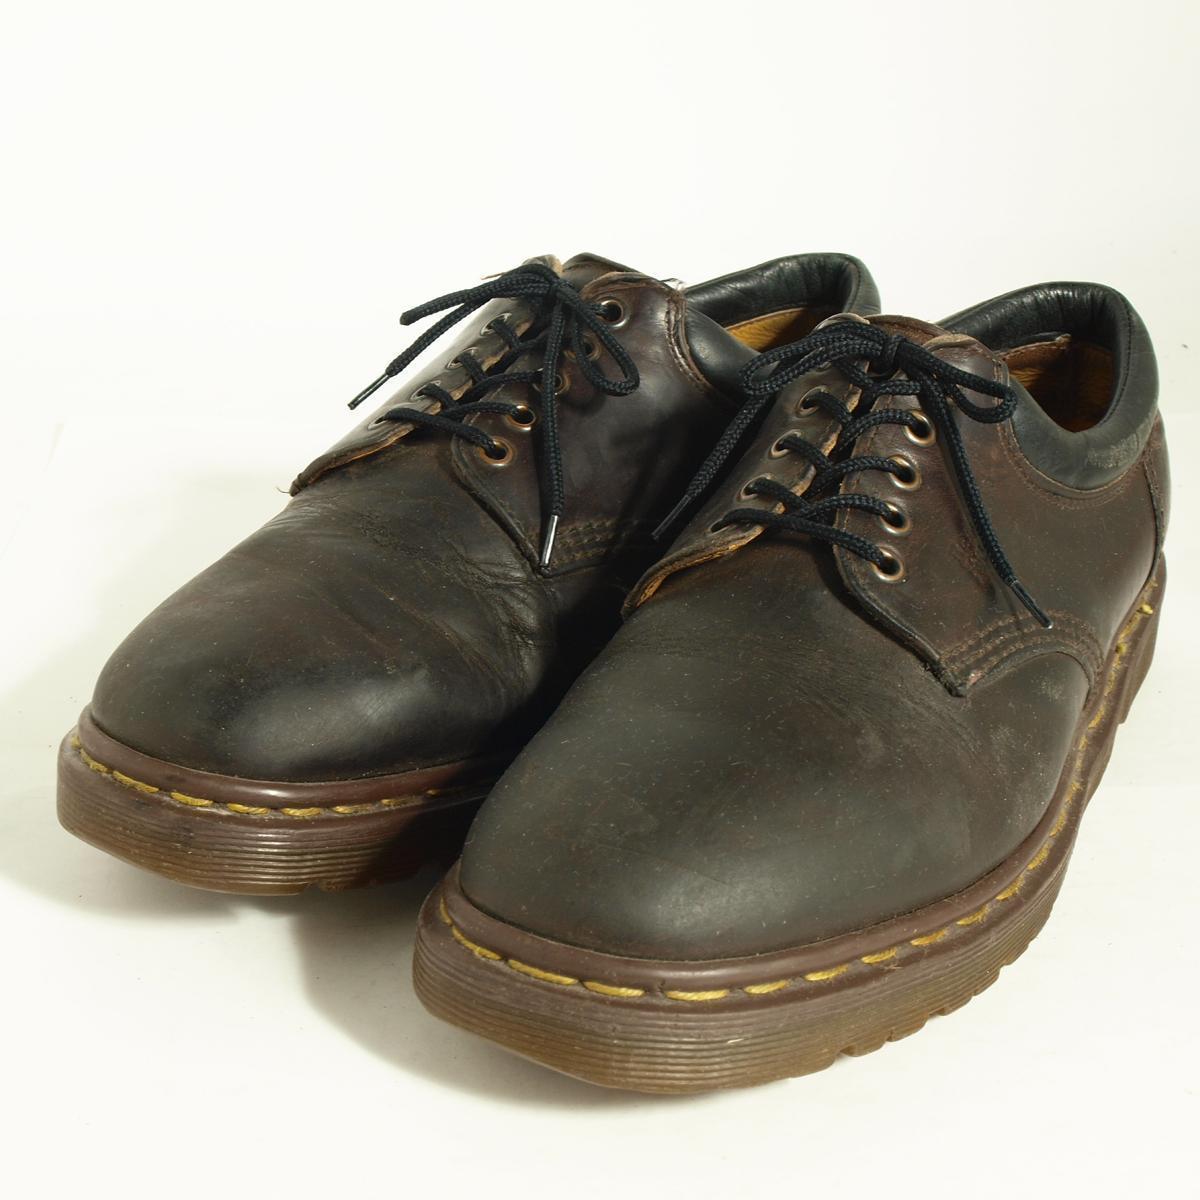 ドクターマーチン 英国製 5ホールシューズ UK10 メンズ28.5cm Dr.Martens /boj1036 【古着屋JAM】【中古】 160713【SS1709】